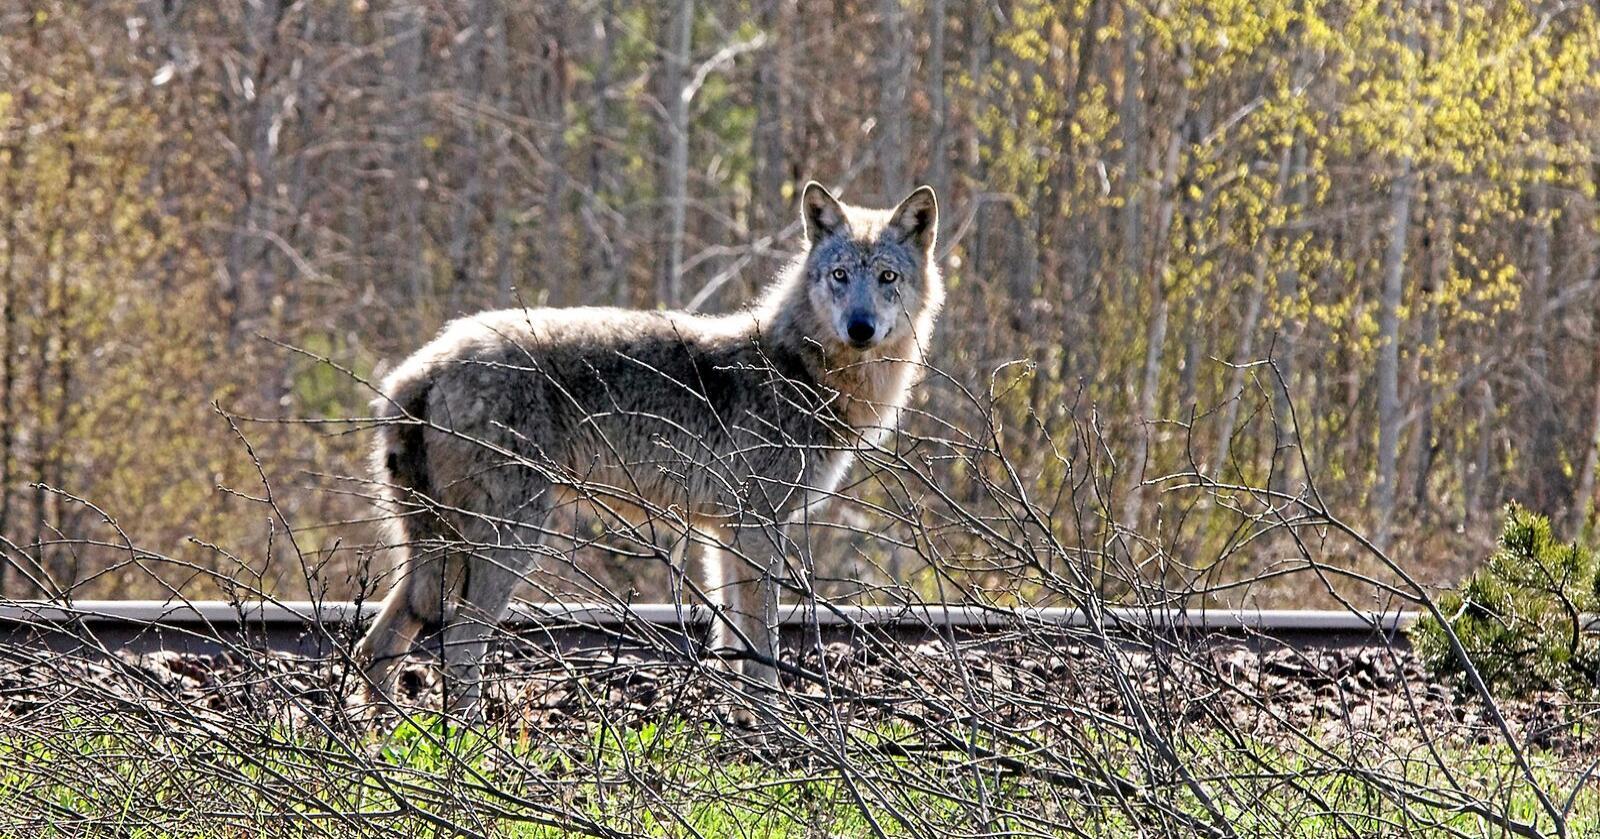 Mer av dette: Det var minst 409 norsk/svenske ulver i vinter. Forrige vinter var tallet 380. Foto: Allan Wallberg